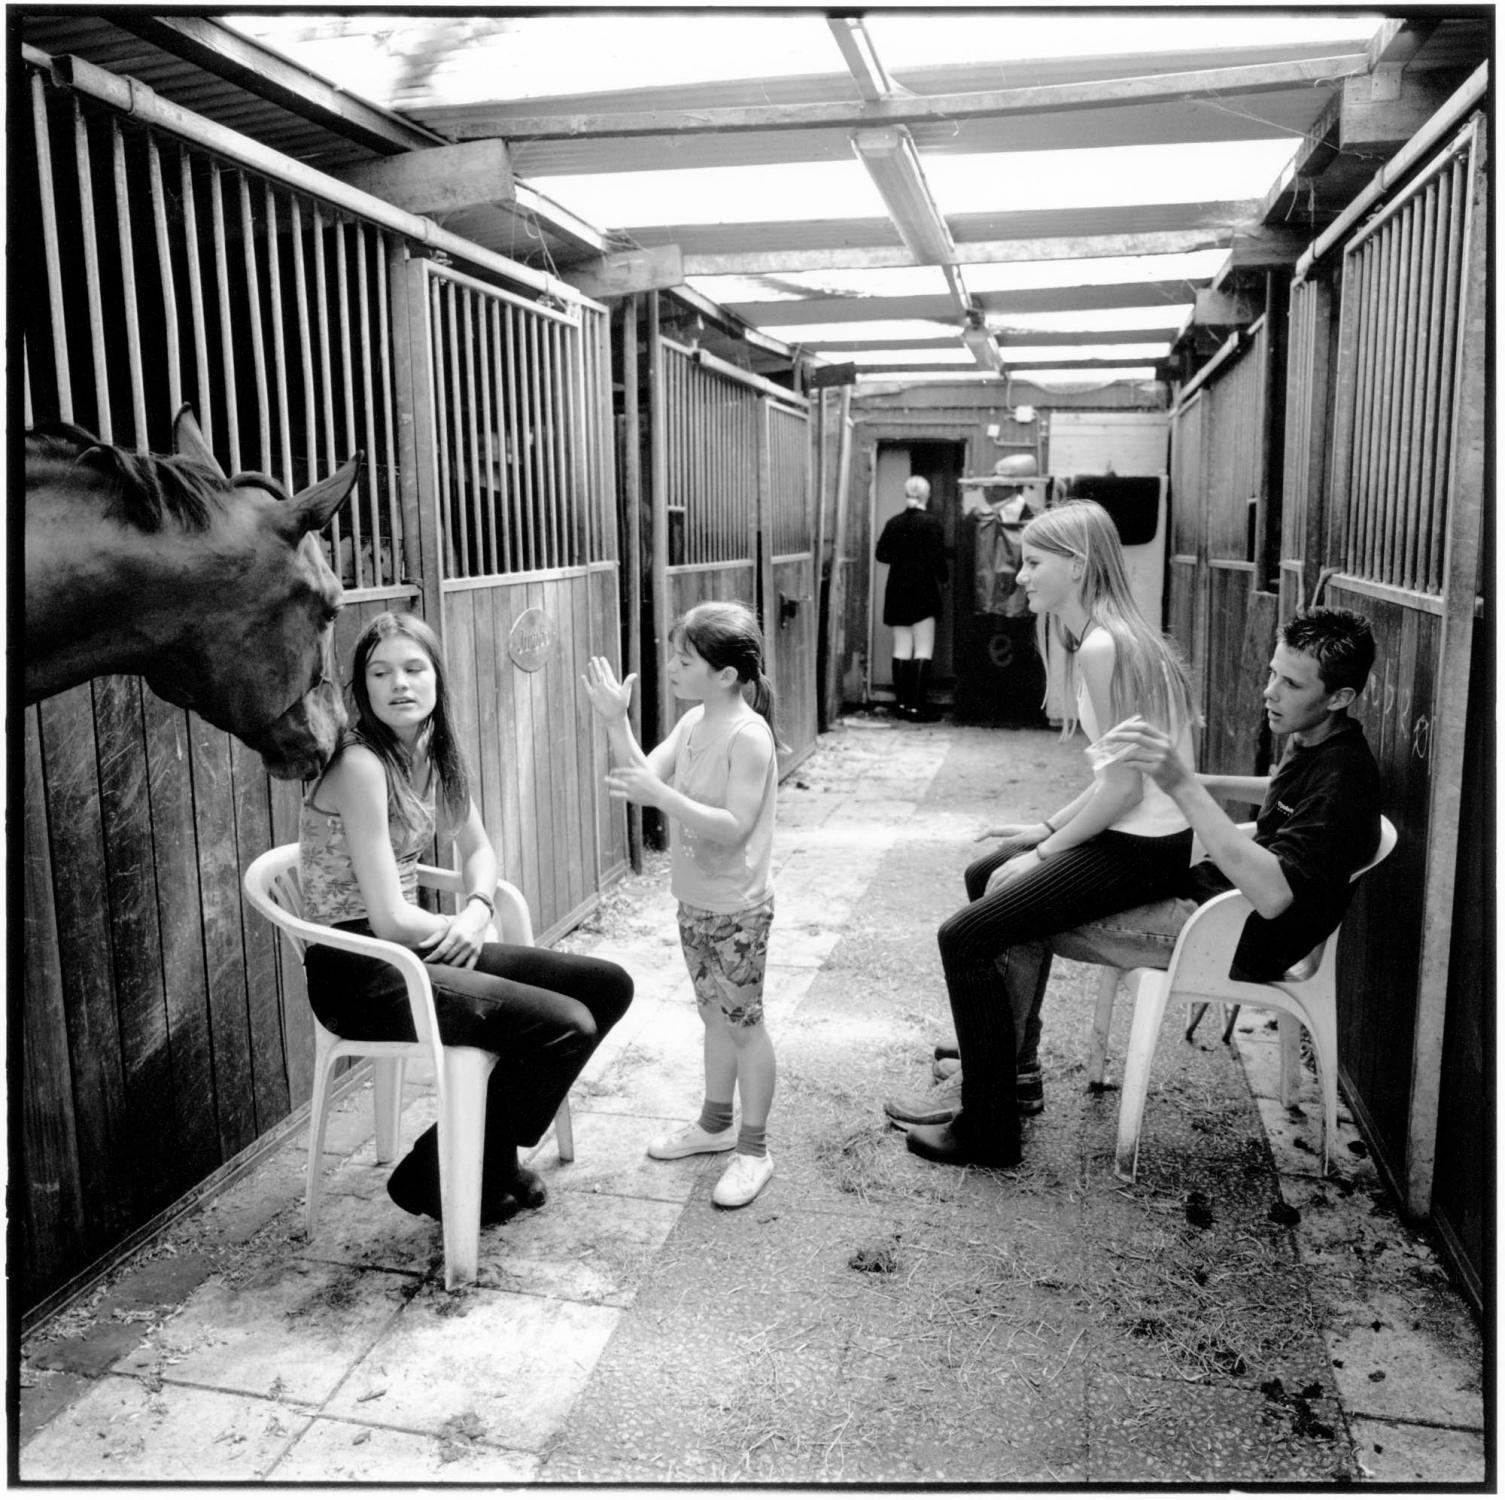 Riding school De Uiterwaardse. Oudewater, The Netherlands. May 2000.